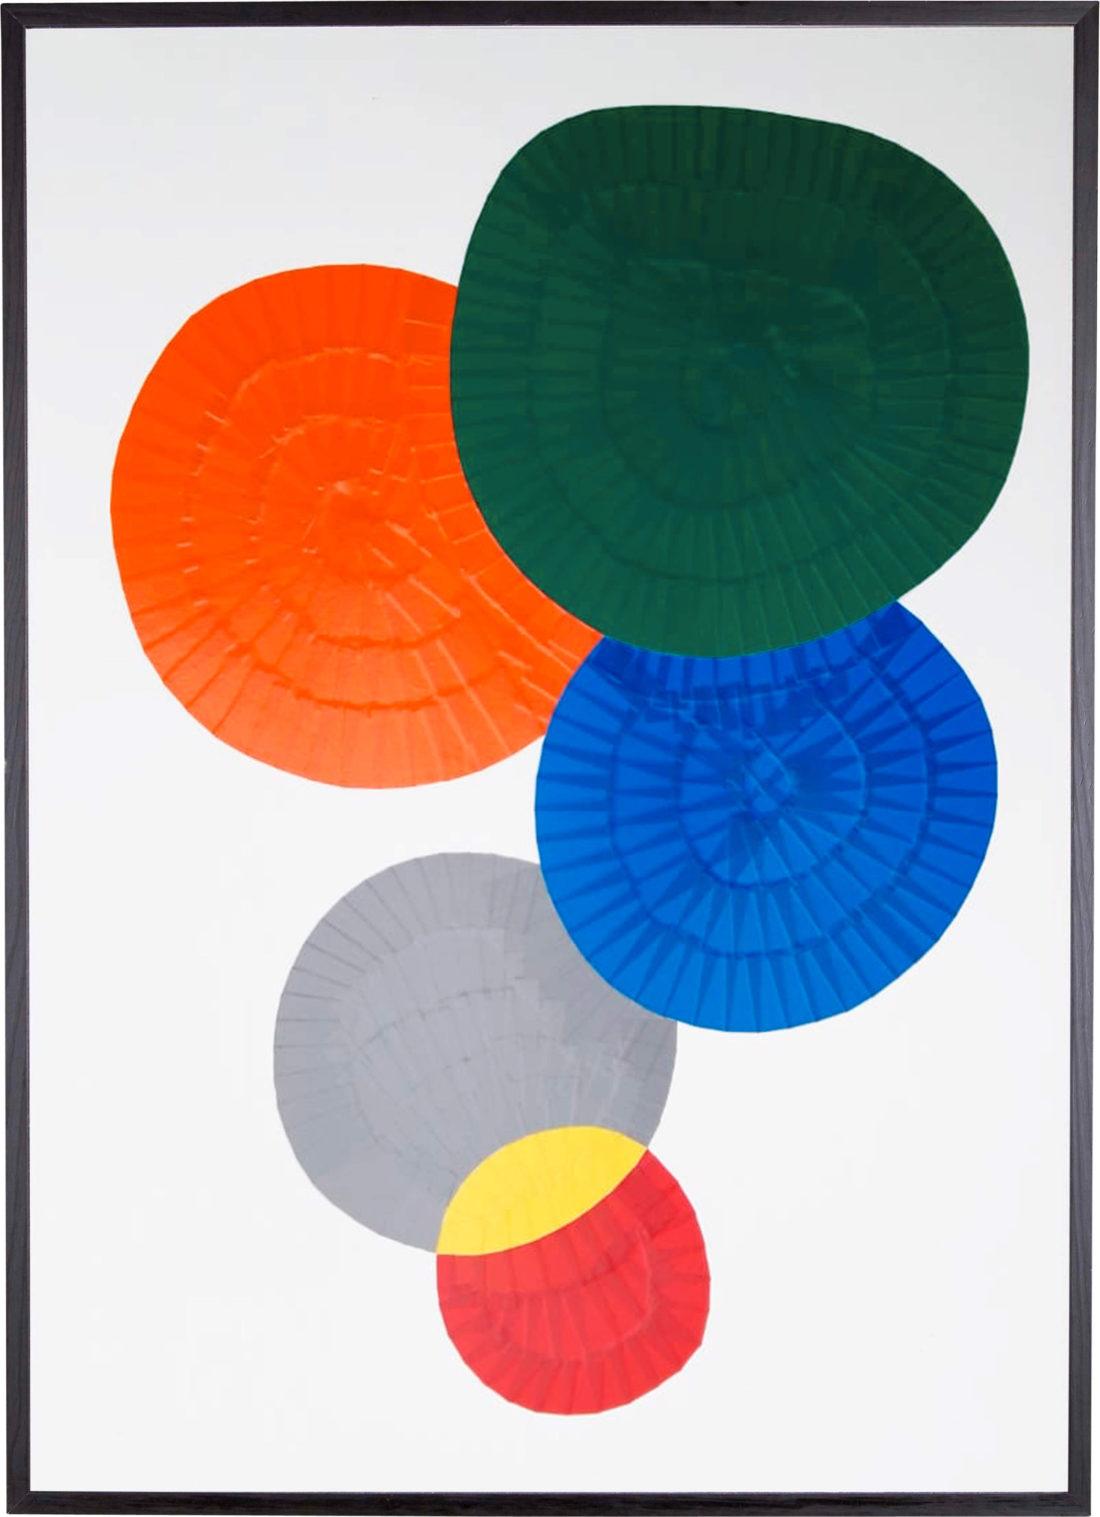 Oeuvre sur papier - Marc Dutilleul - Les galets de Collioure